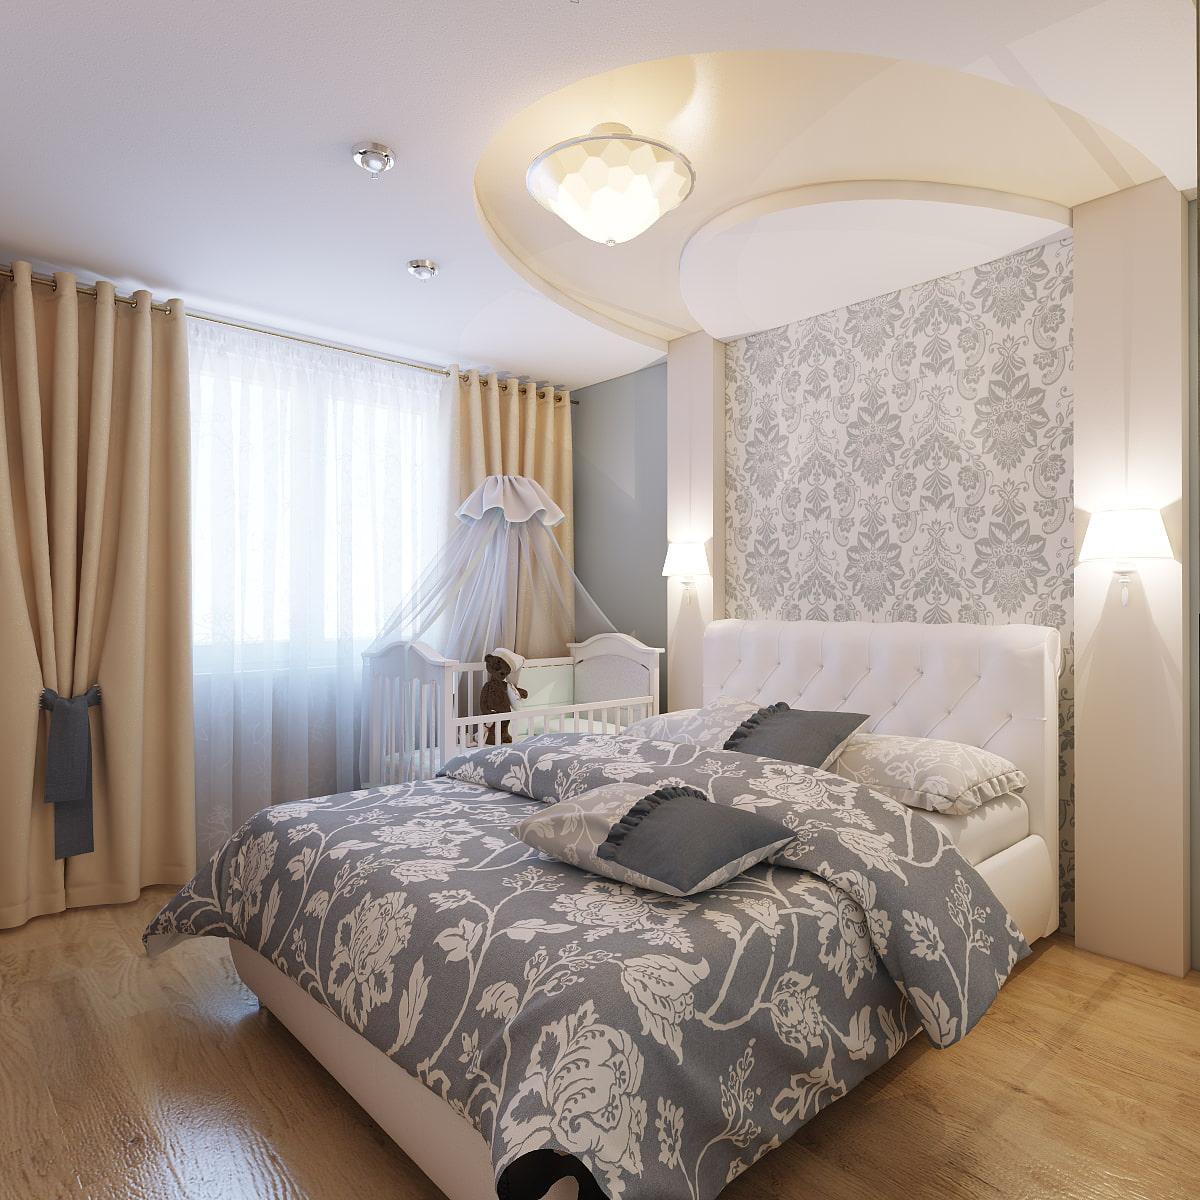 Дизайн мансарды: оформлениеской комнаты и спальни